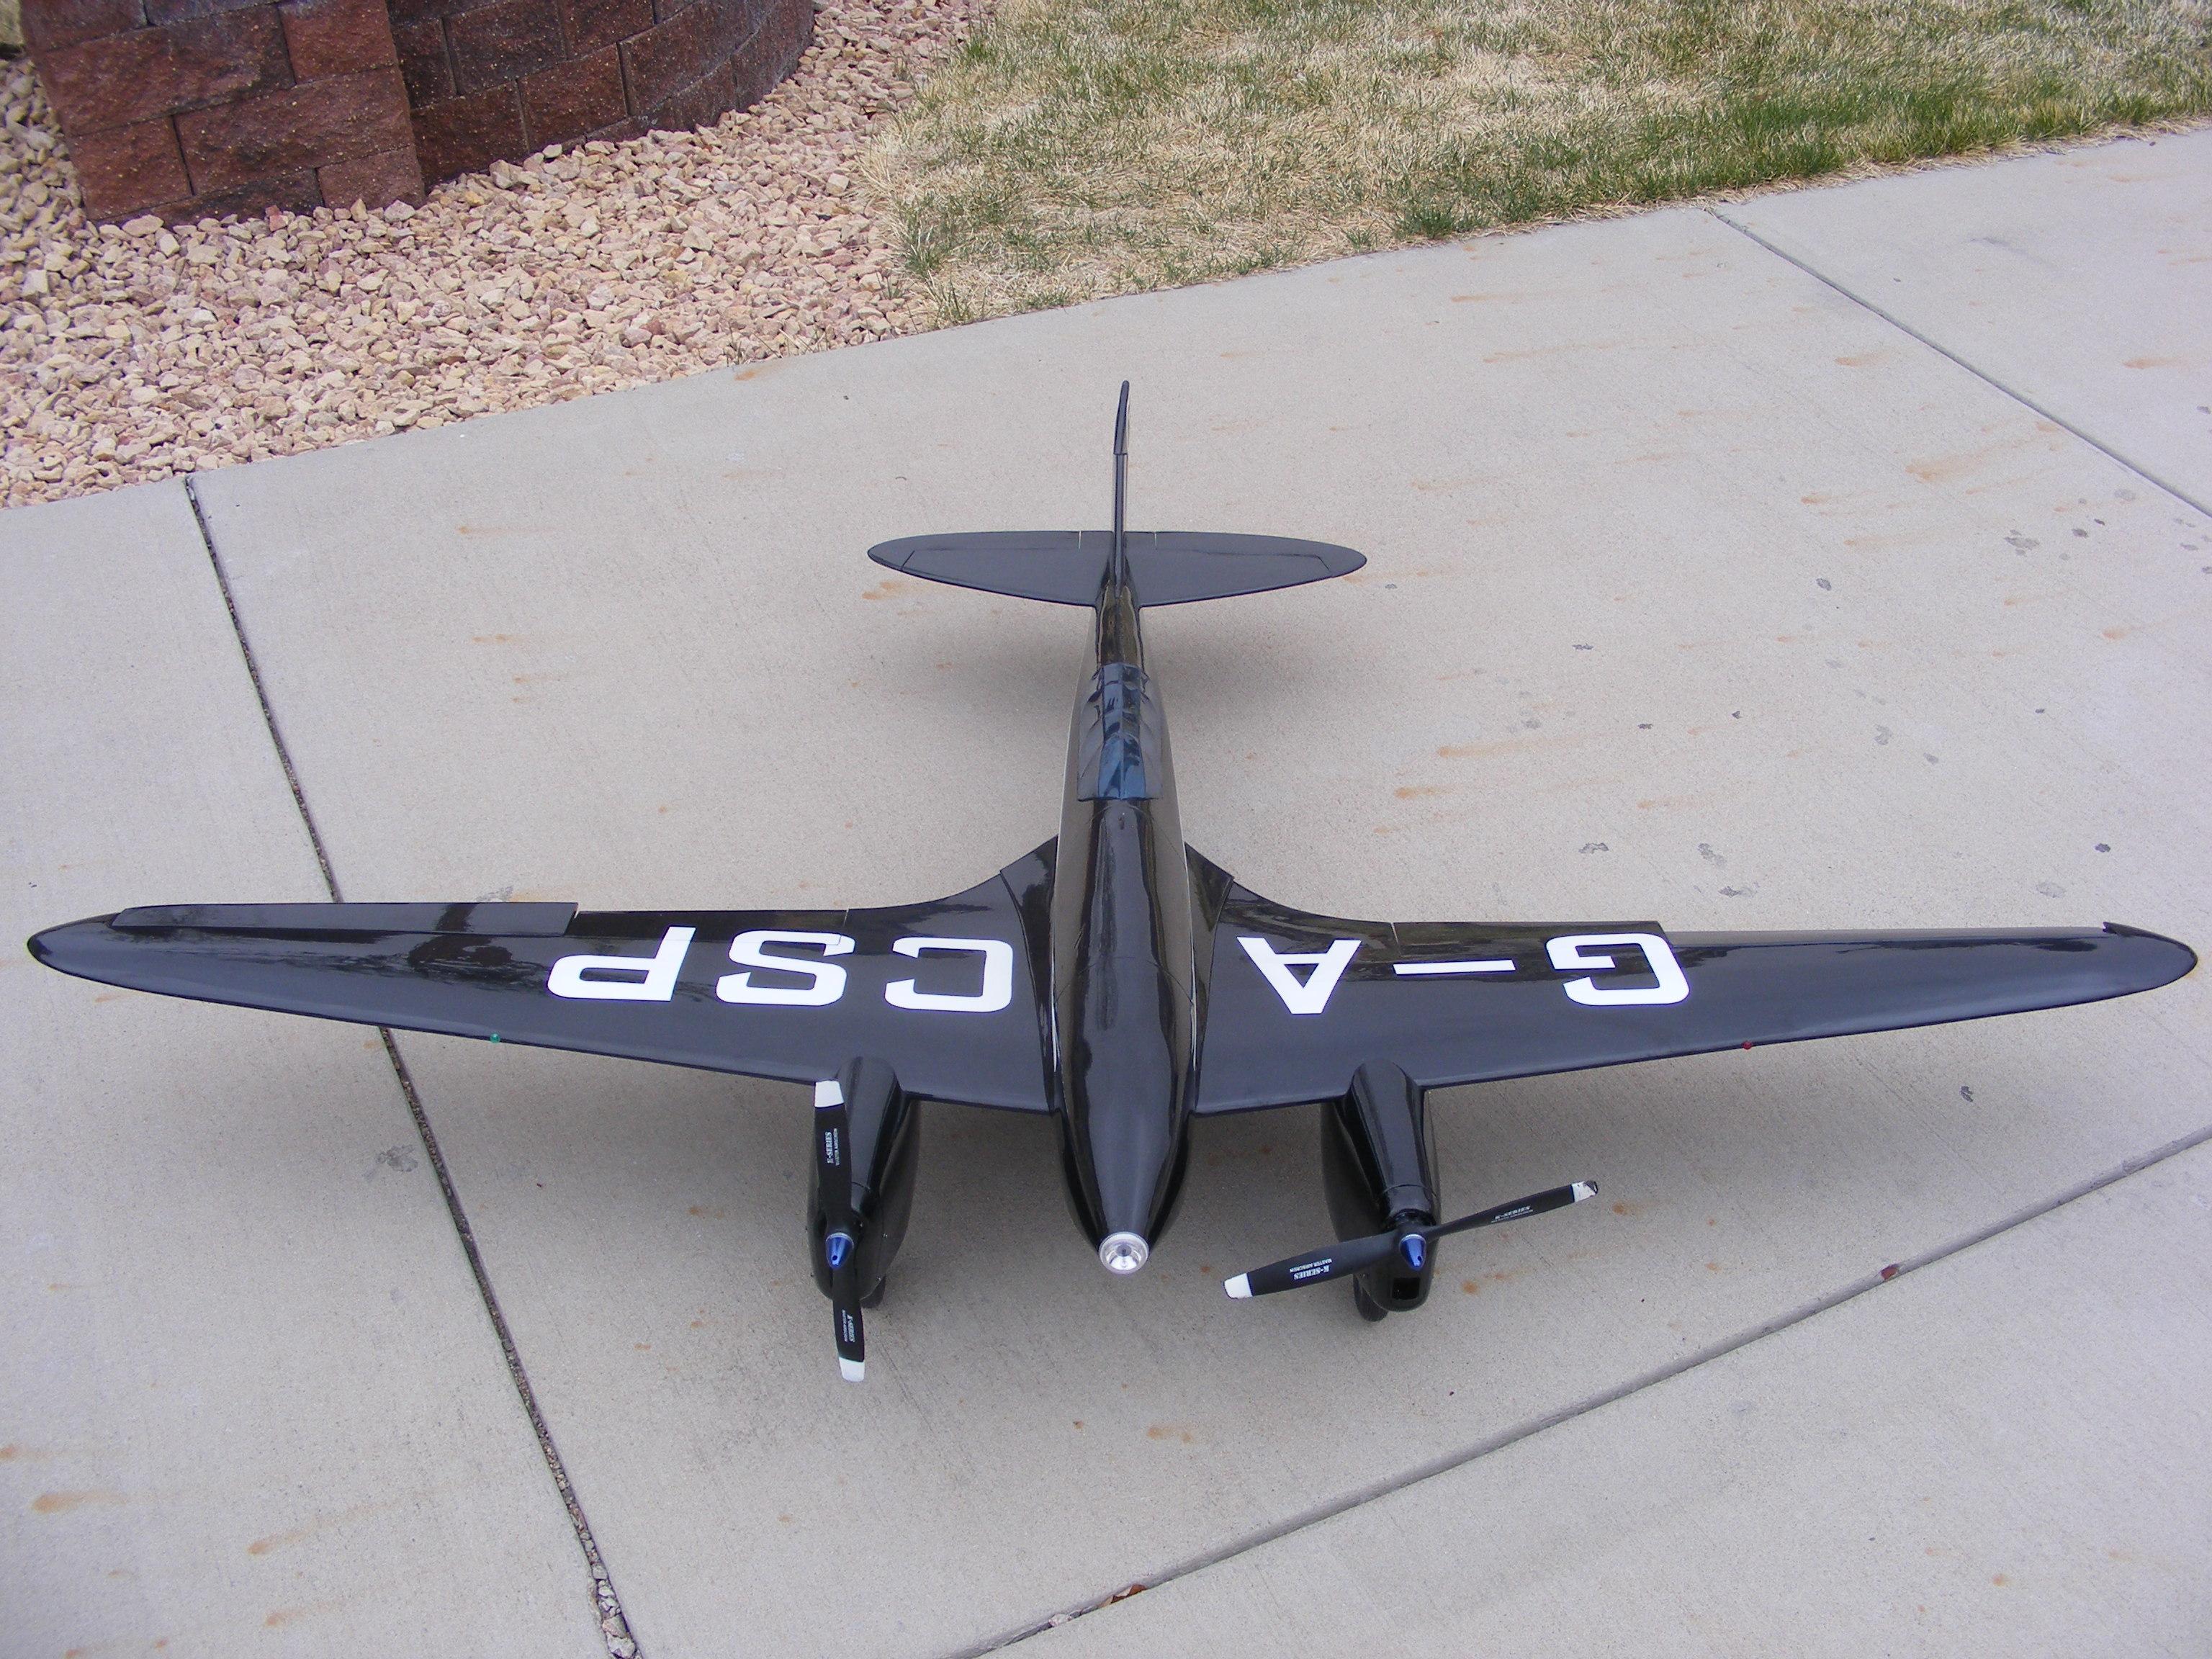 De Havilland DH 88 Comet Full Build Part IV